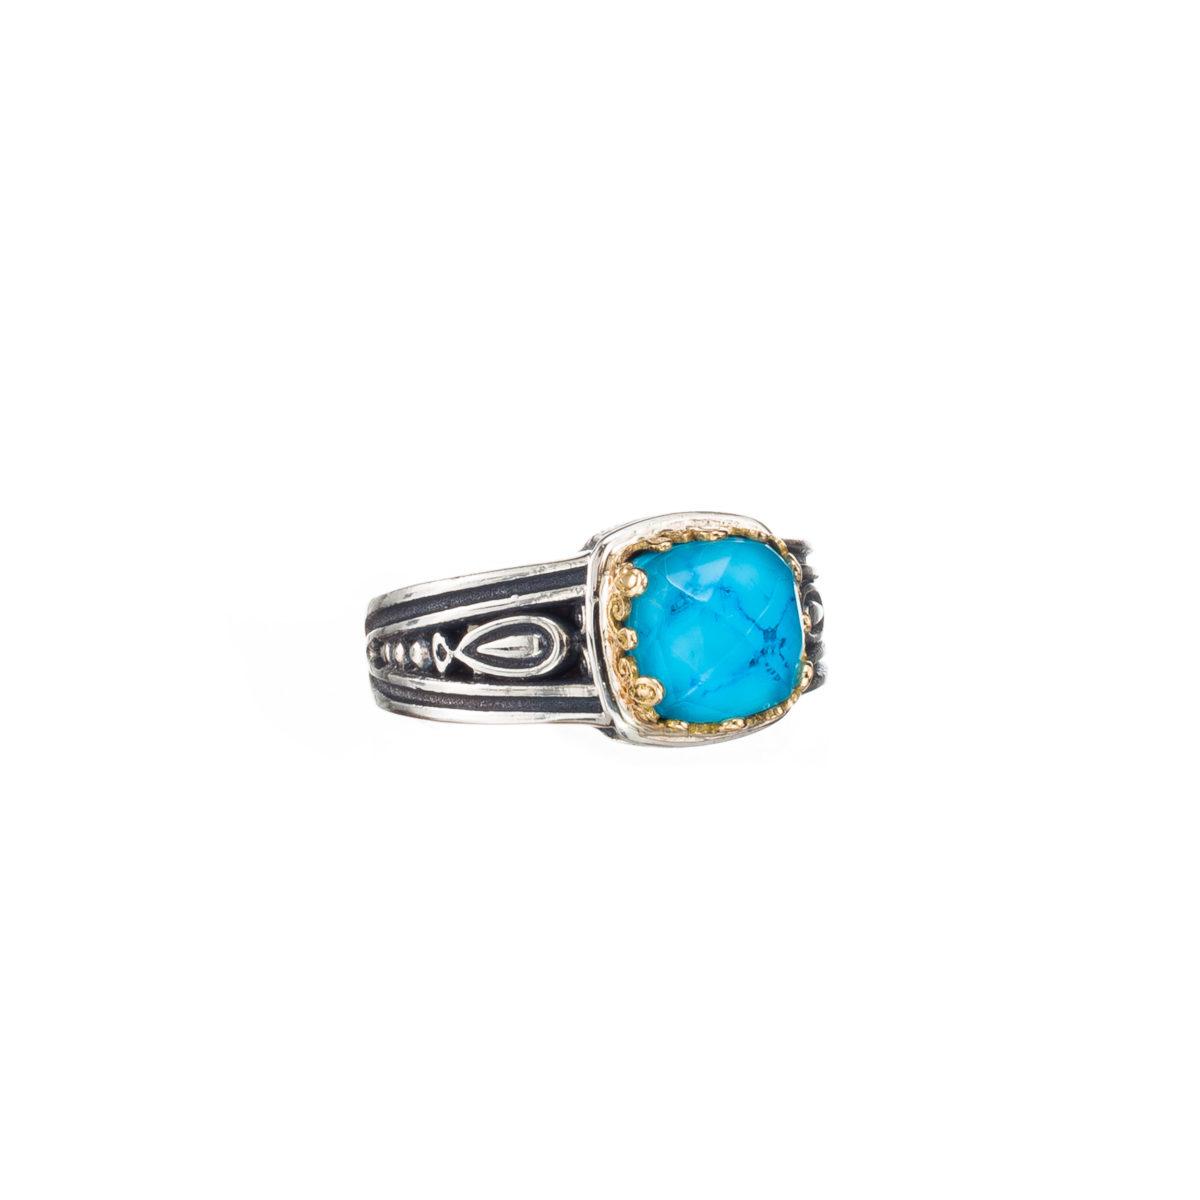 Χειροποίητο δαχτυλίδι Gerochristos στολισμένο με μια ντουμπλέτα πέτρα σε τετράγωνη κοπή τίρκουαζ και χαλαζία